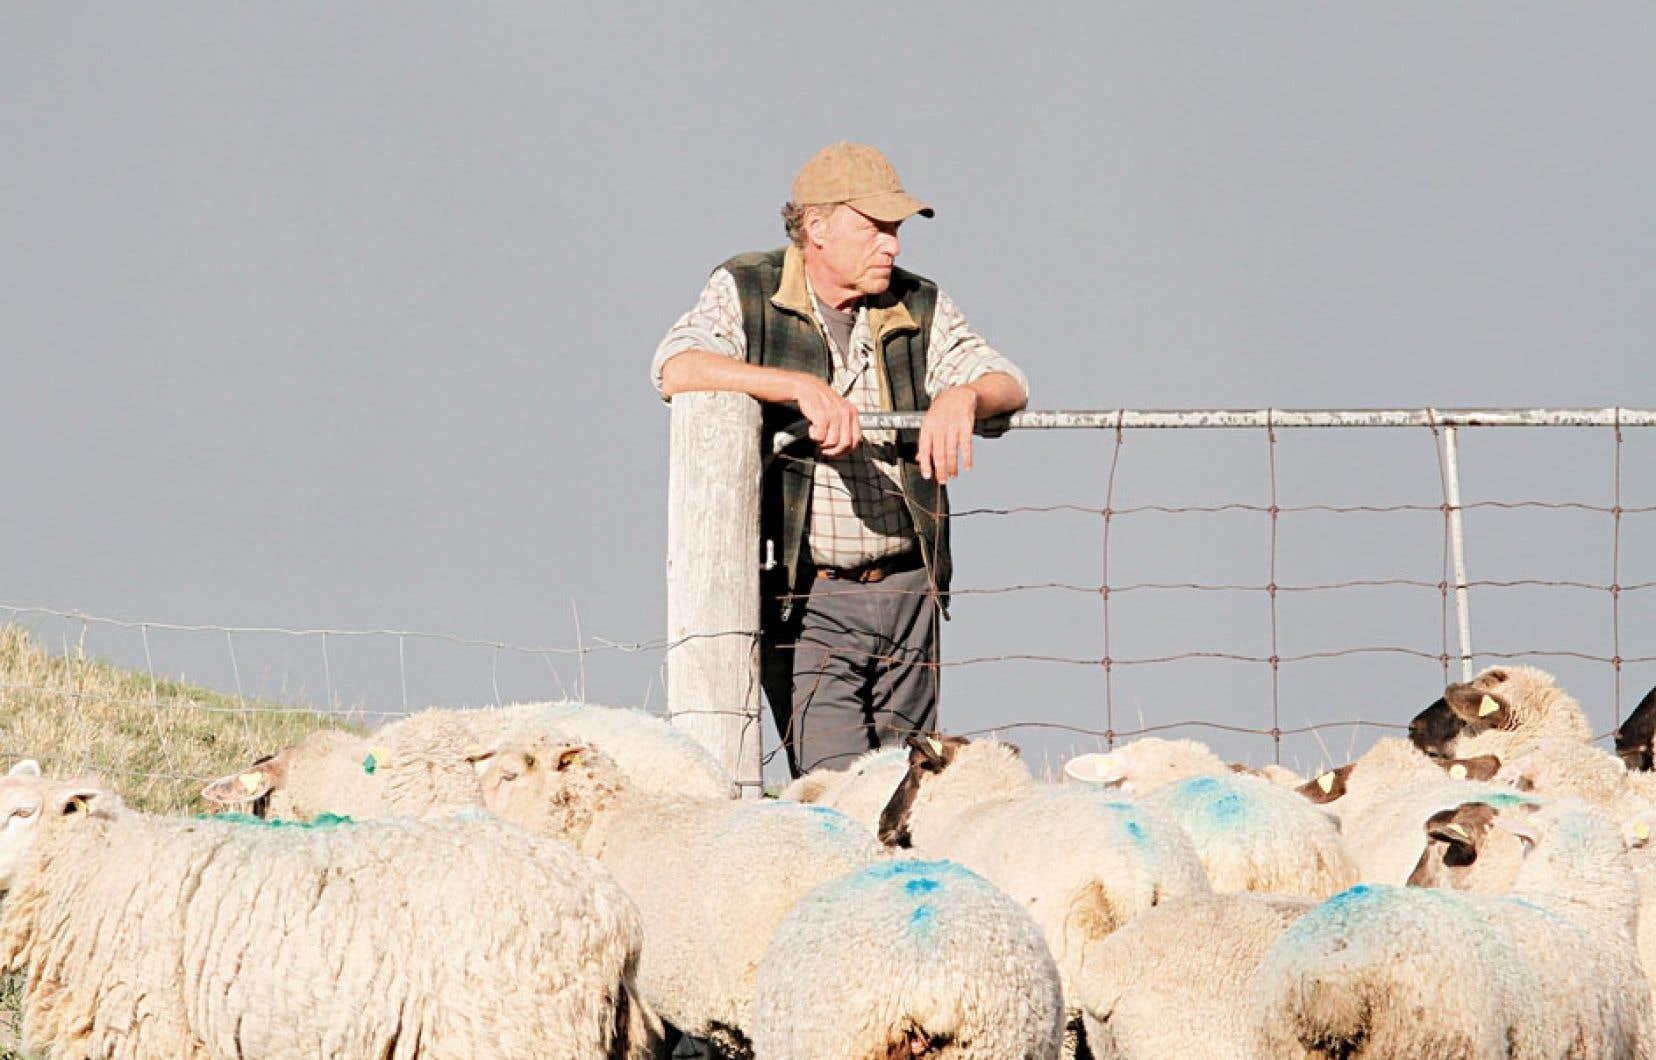 Le démantèlement donne la vedette à Gabriel Arcand, en fier propriétaire d'une ferme d'agneaux qui, pour aider sa fille dépensière et endettée, se départ de ses biens et part vivre en ville.